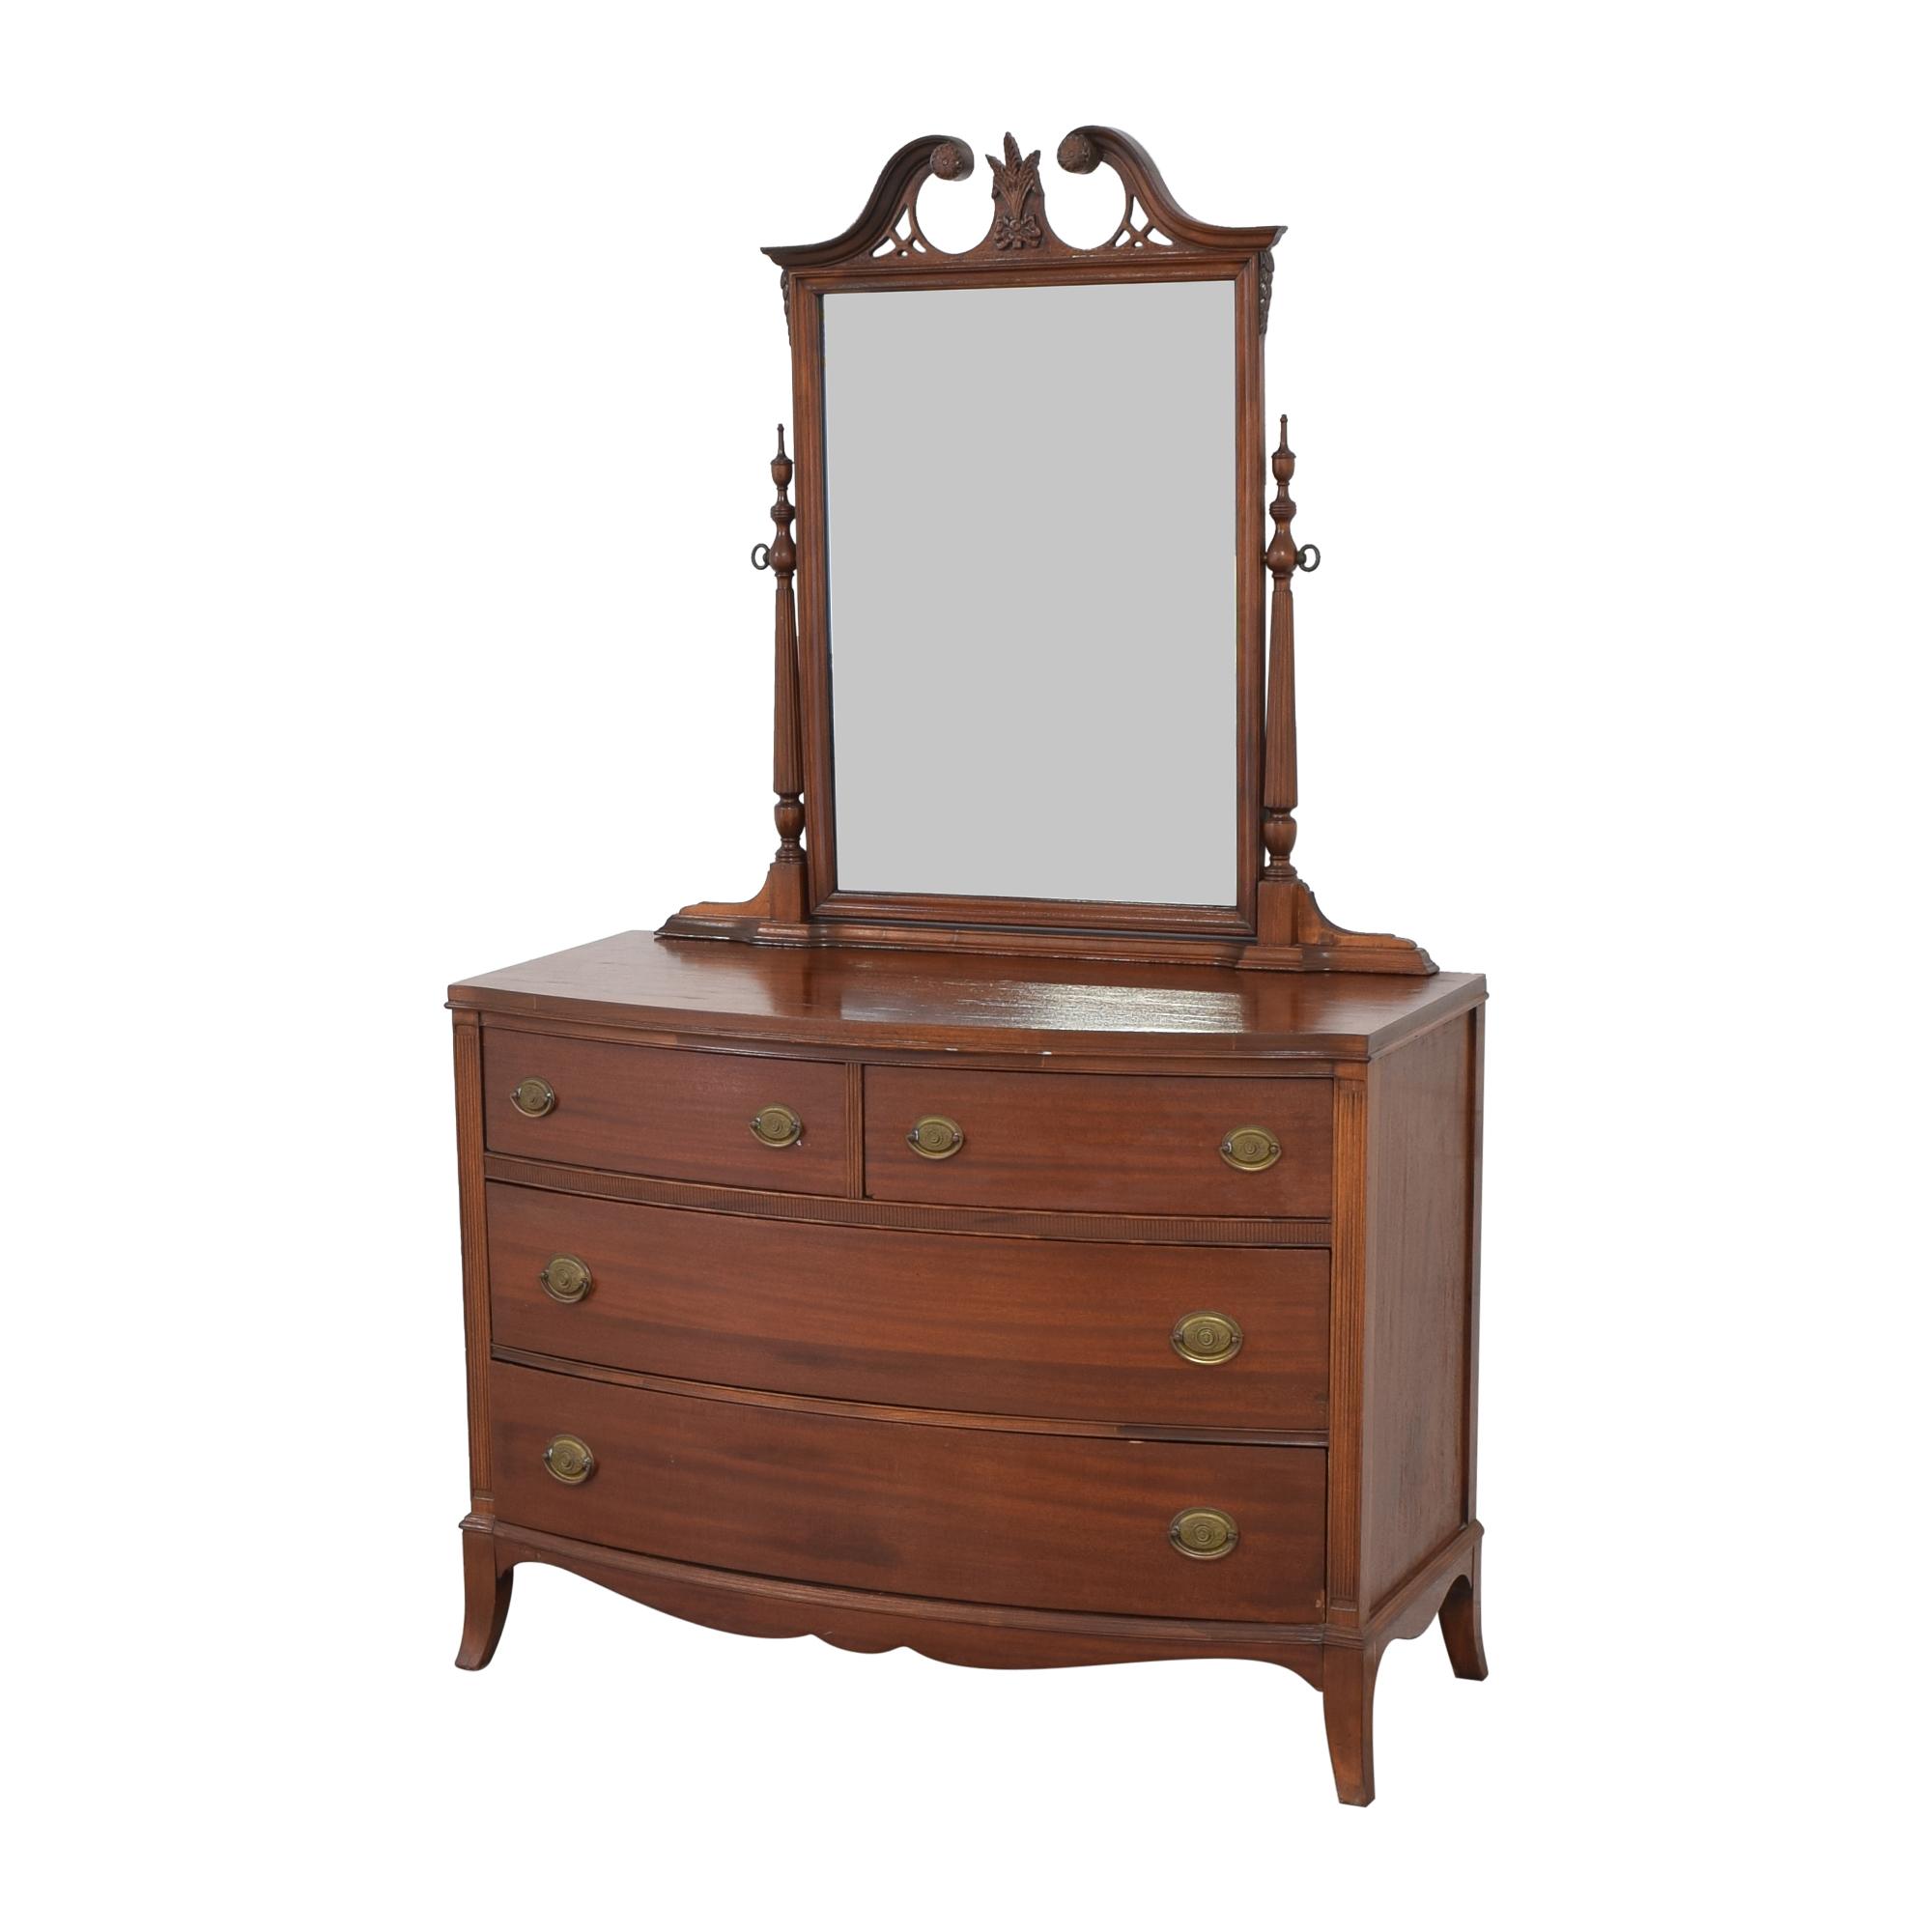 Vintage Wooden Dresser with Mirror on sale